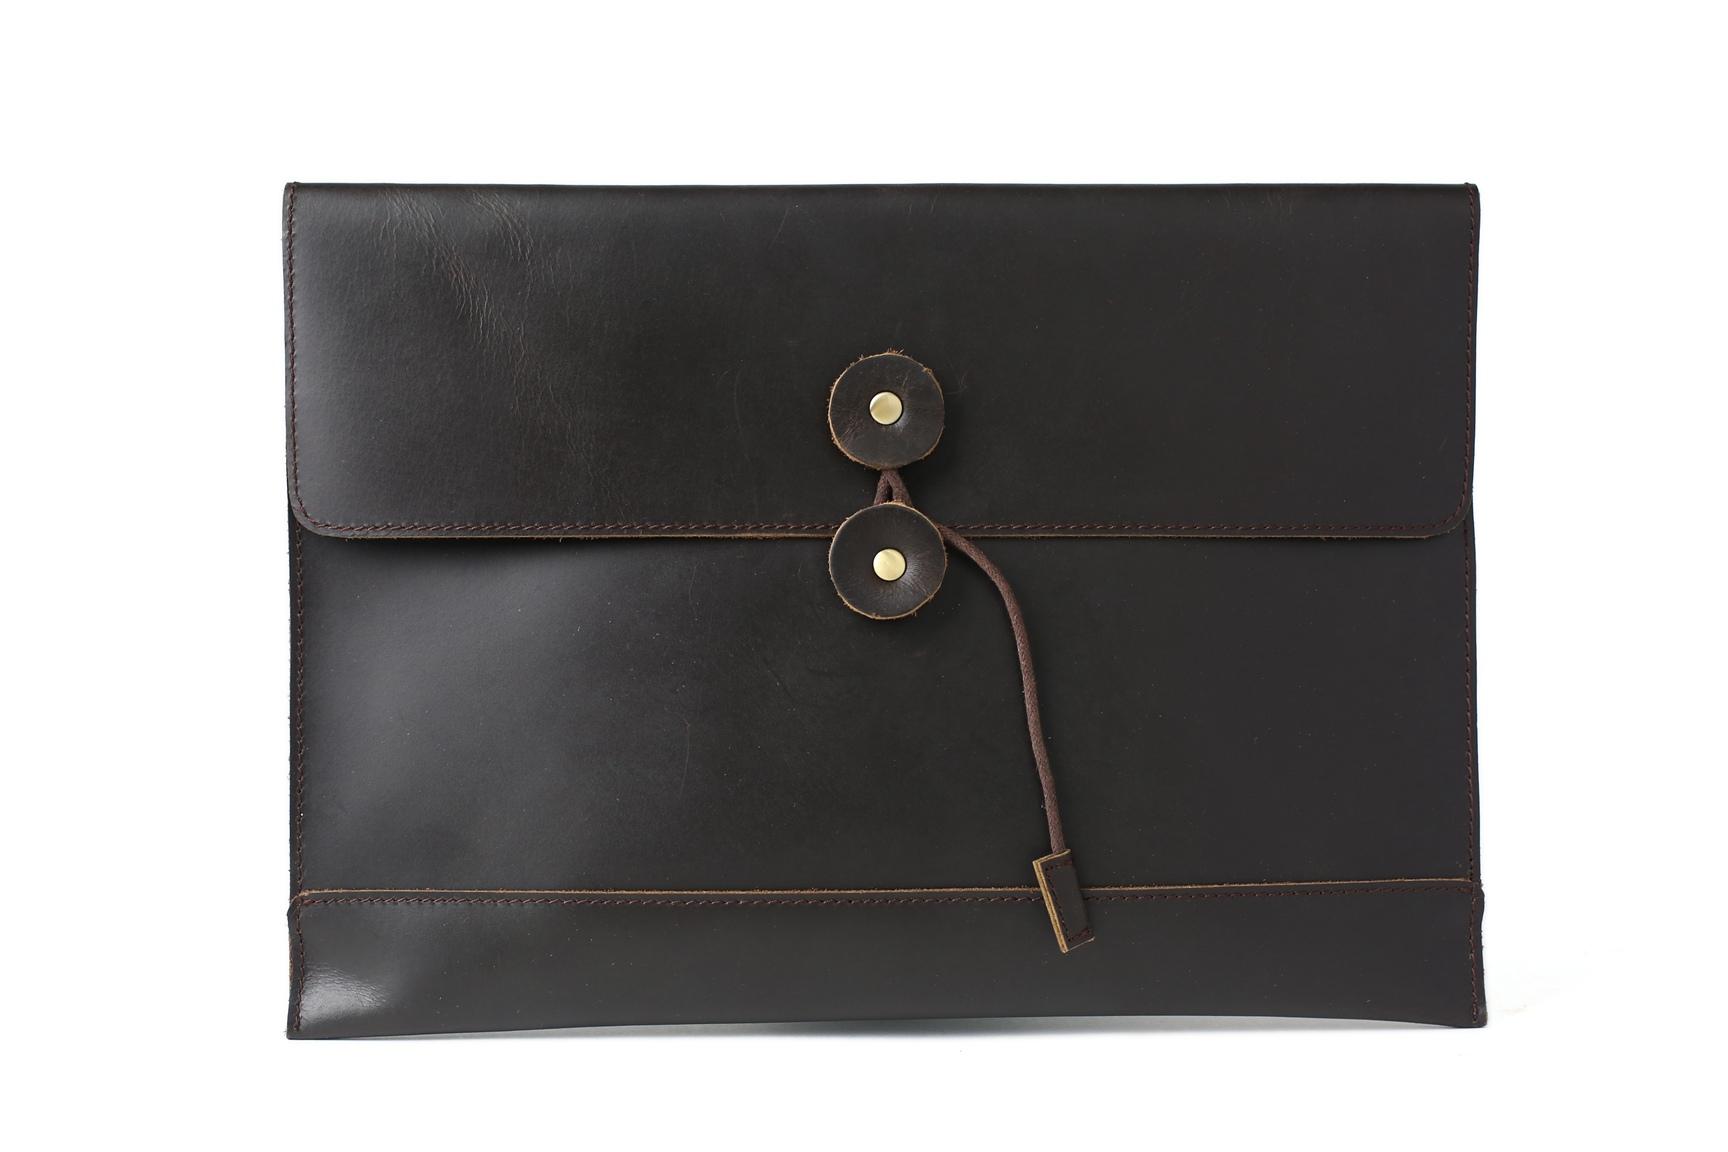 6ec5f04a912d Business Men s Handmade Vintage 100% Genuine Leather Envelope Clutch ...